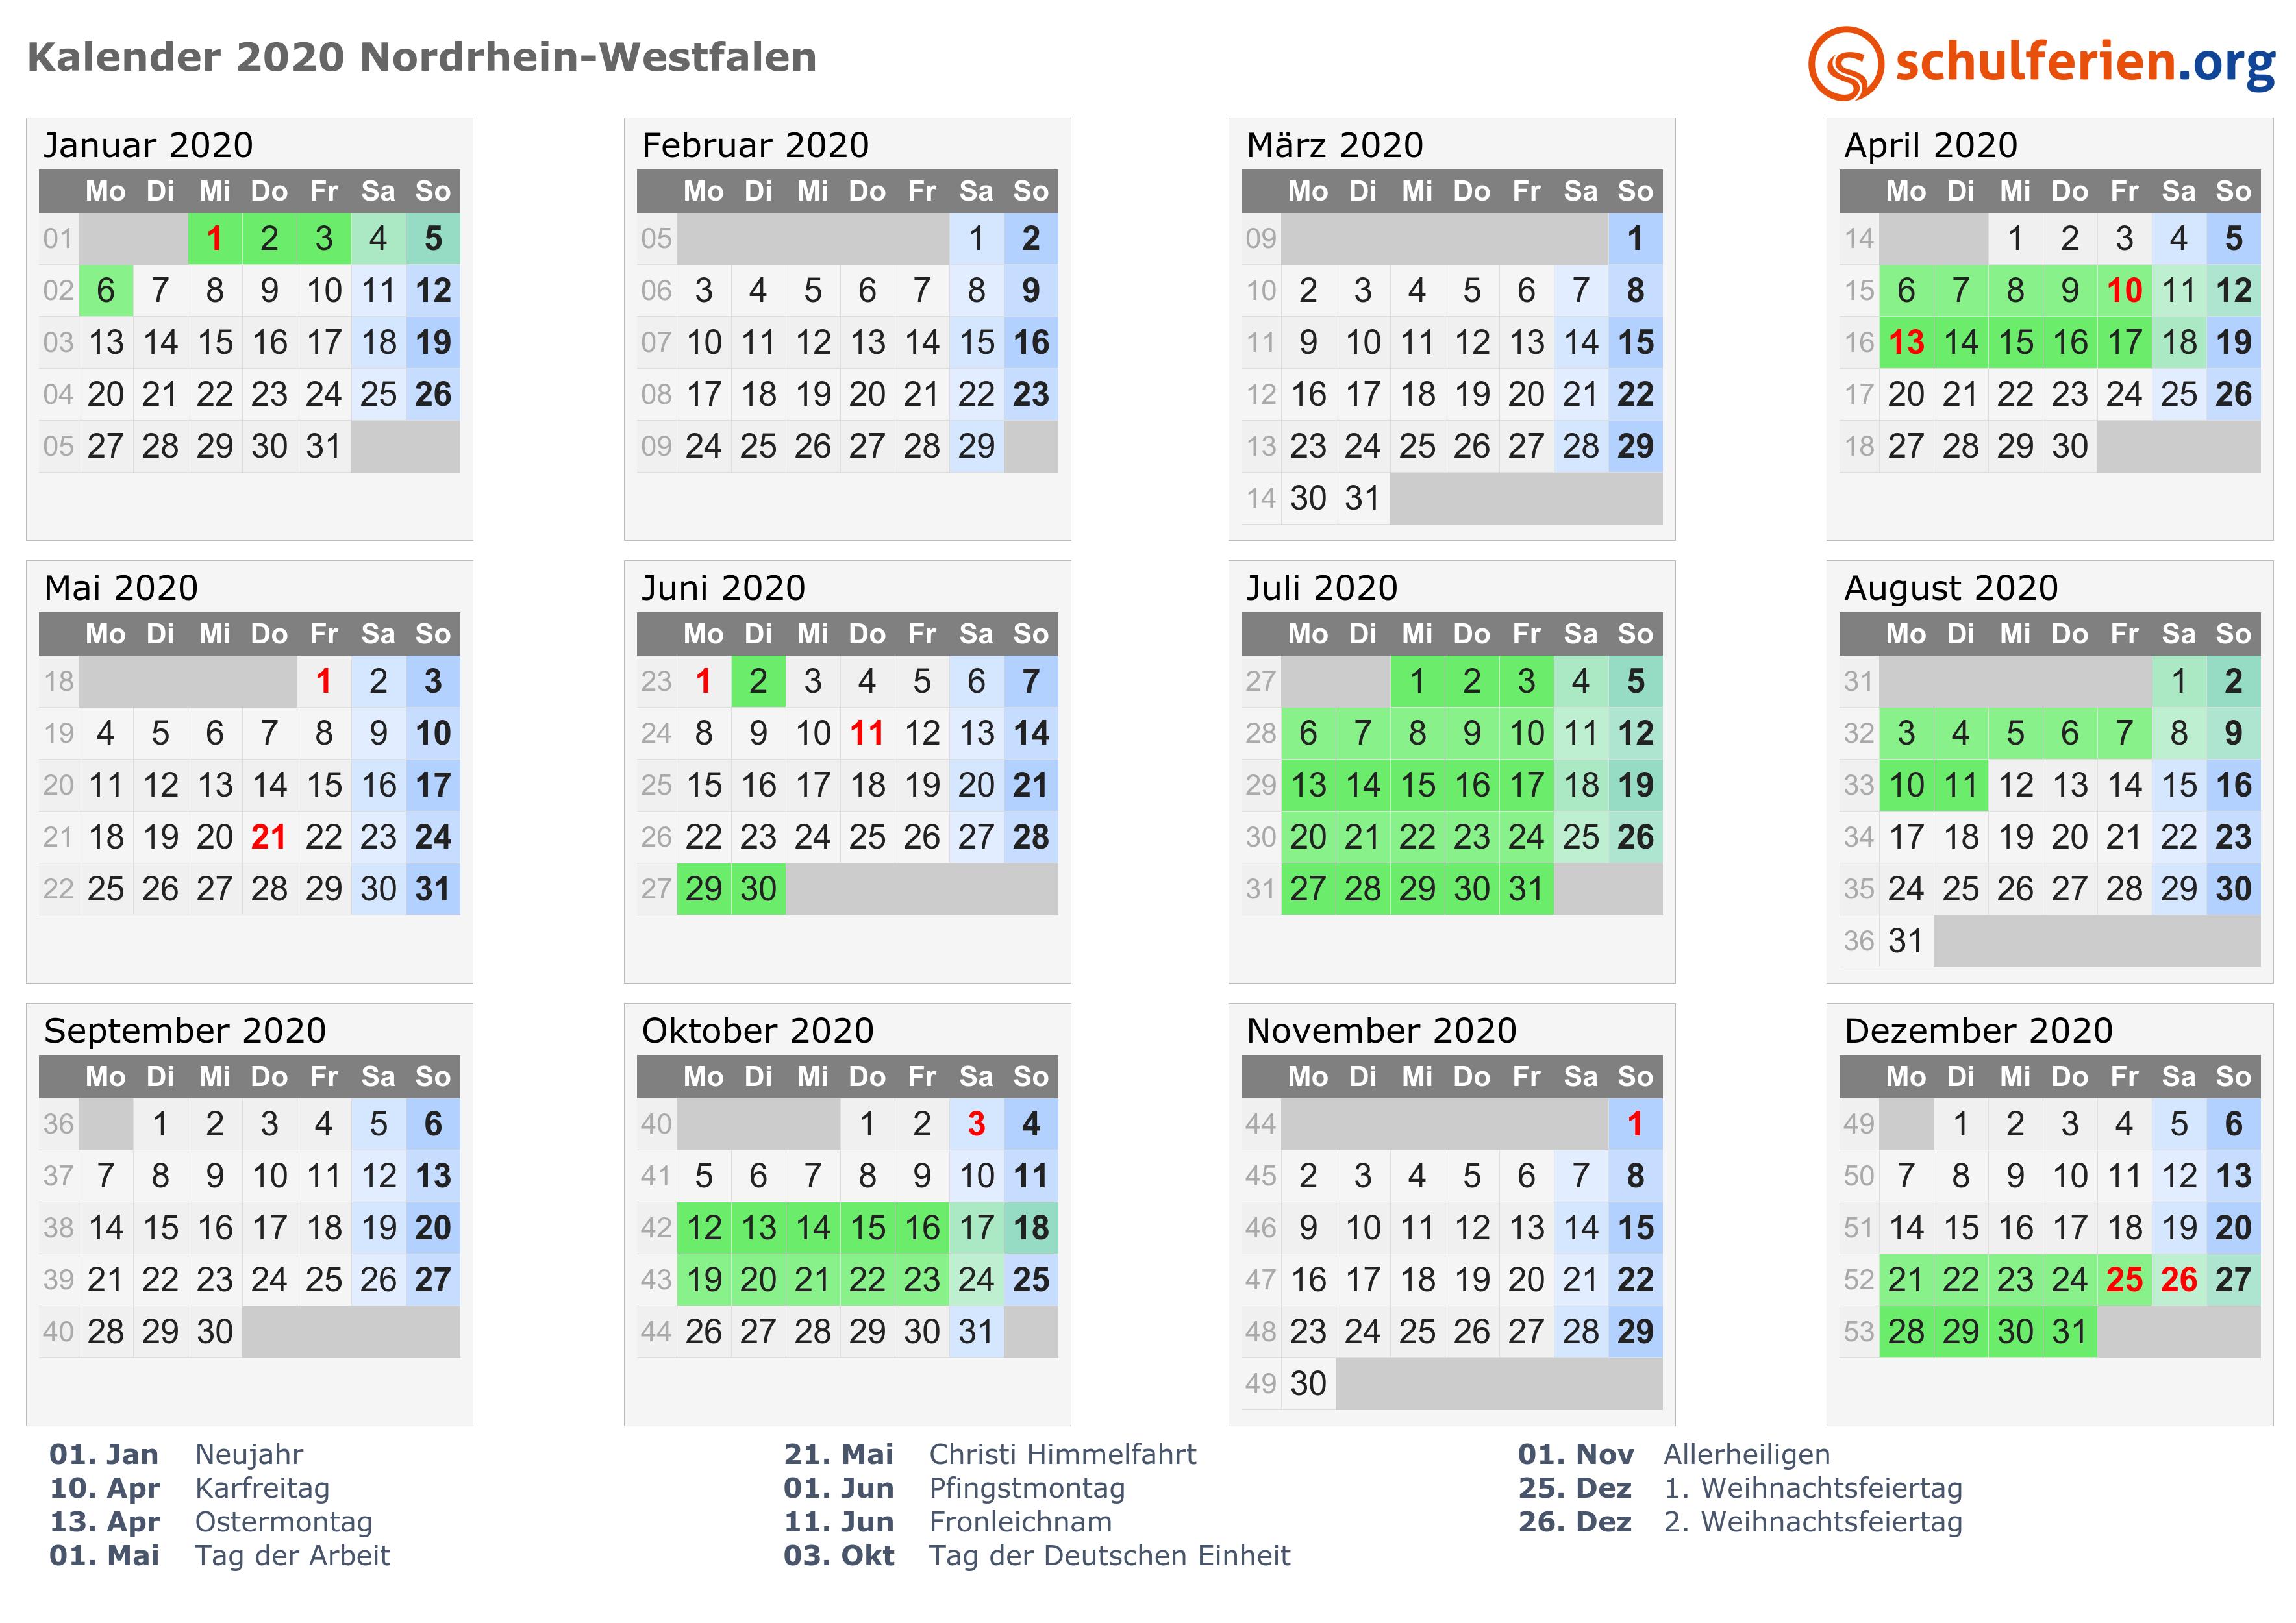 Kalender 2020 Ferien Nordrhein Westfalen Feiertage